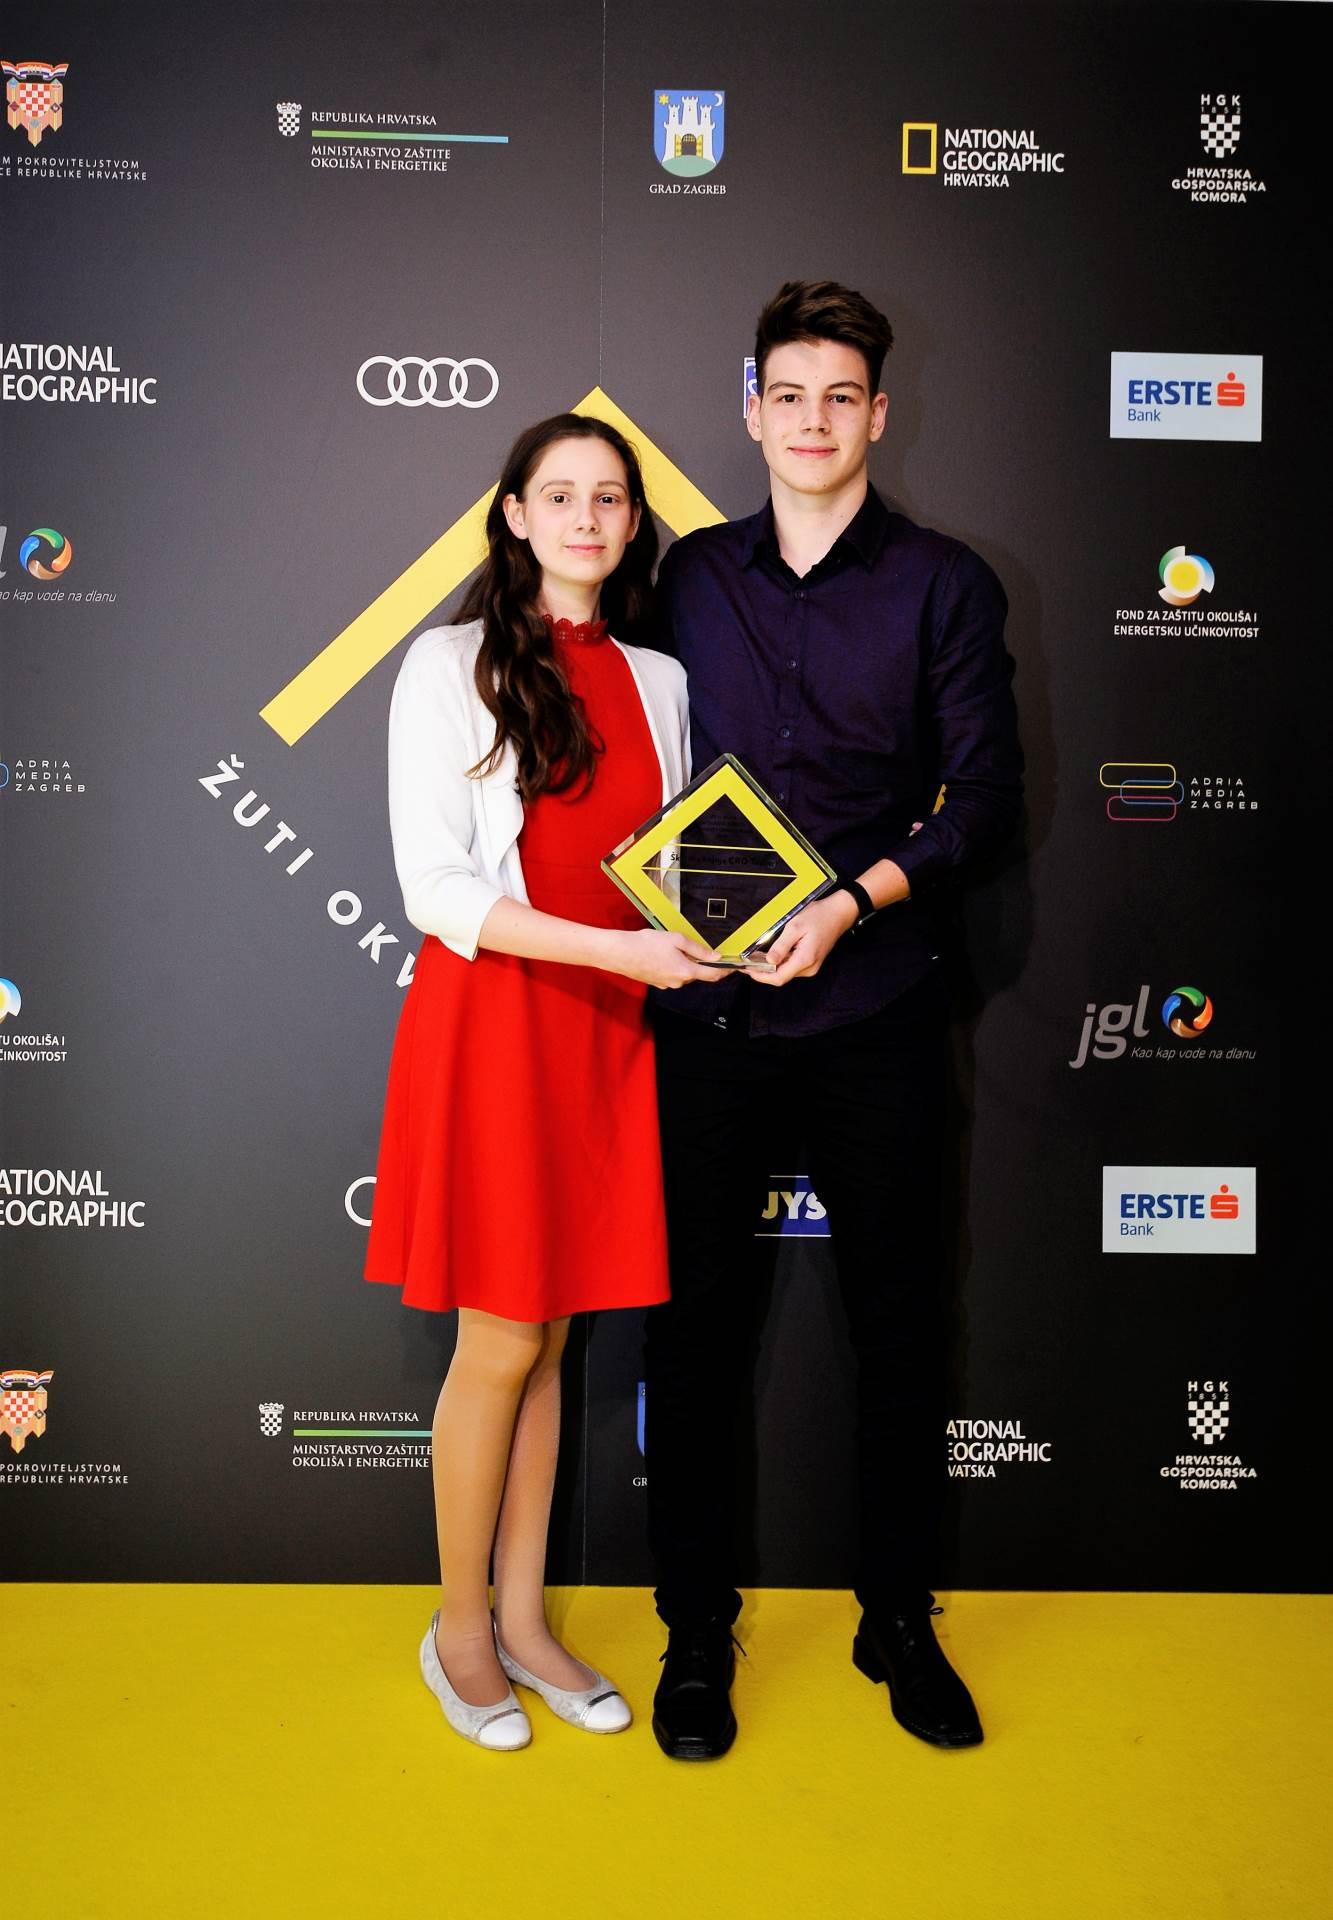 Dora i Antonio Dijanić, Školska knjiga CRO Team